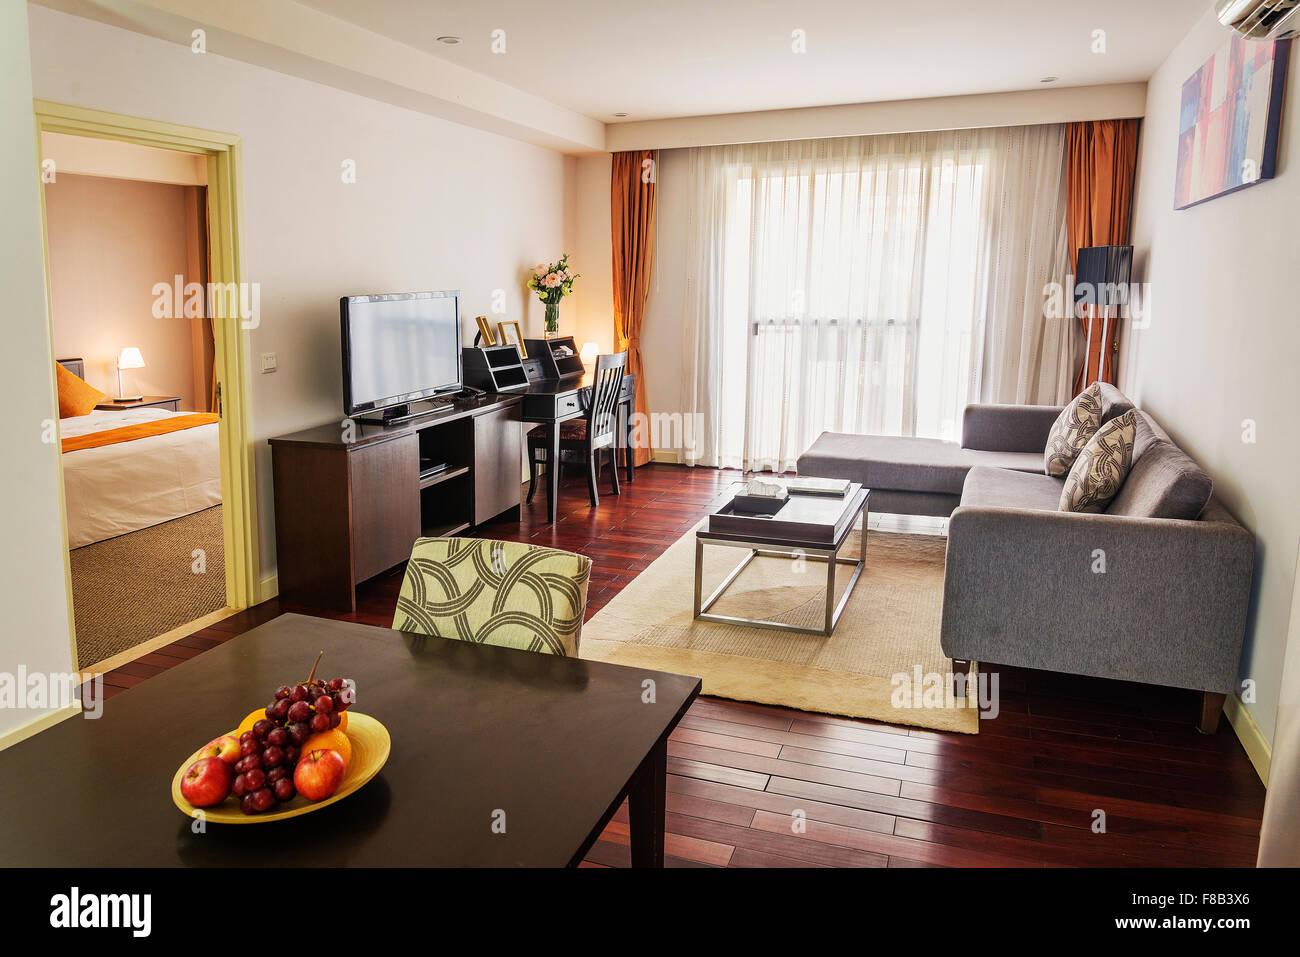 Salón de diseño moderno apartamento Imagen De Stock